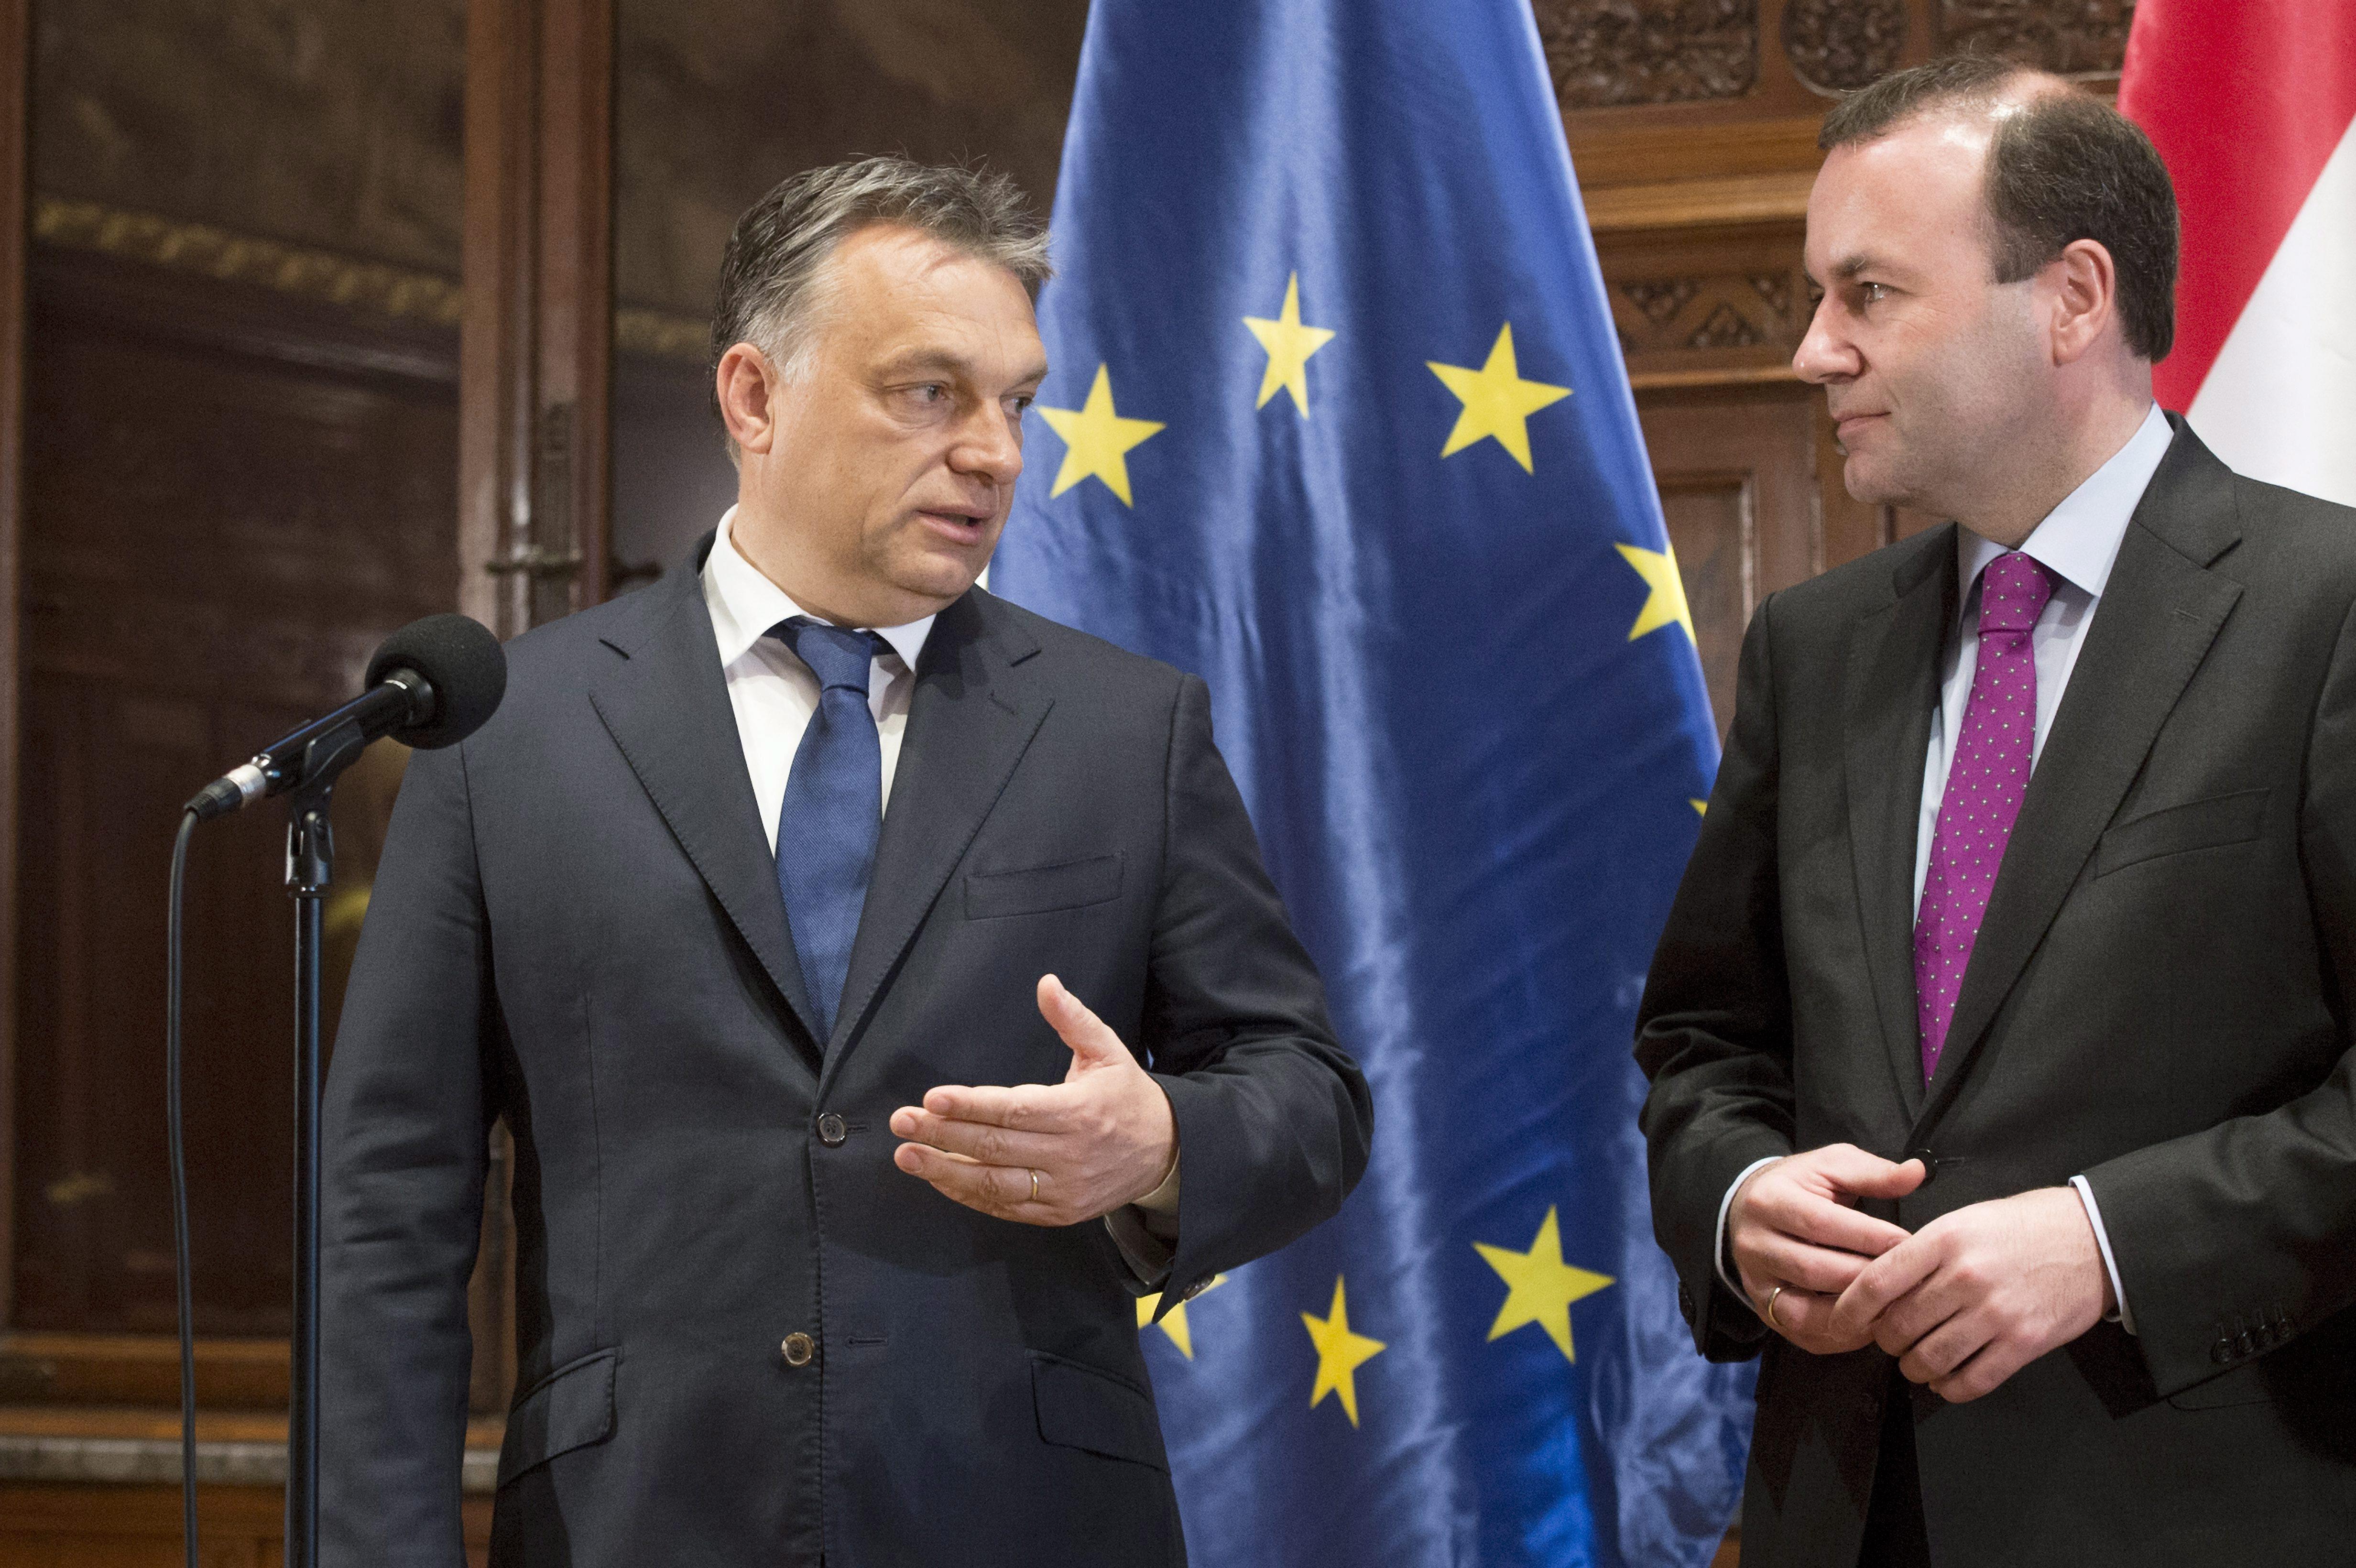 orbán, weber